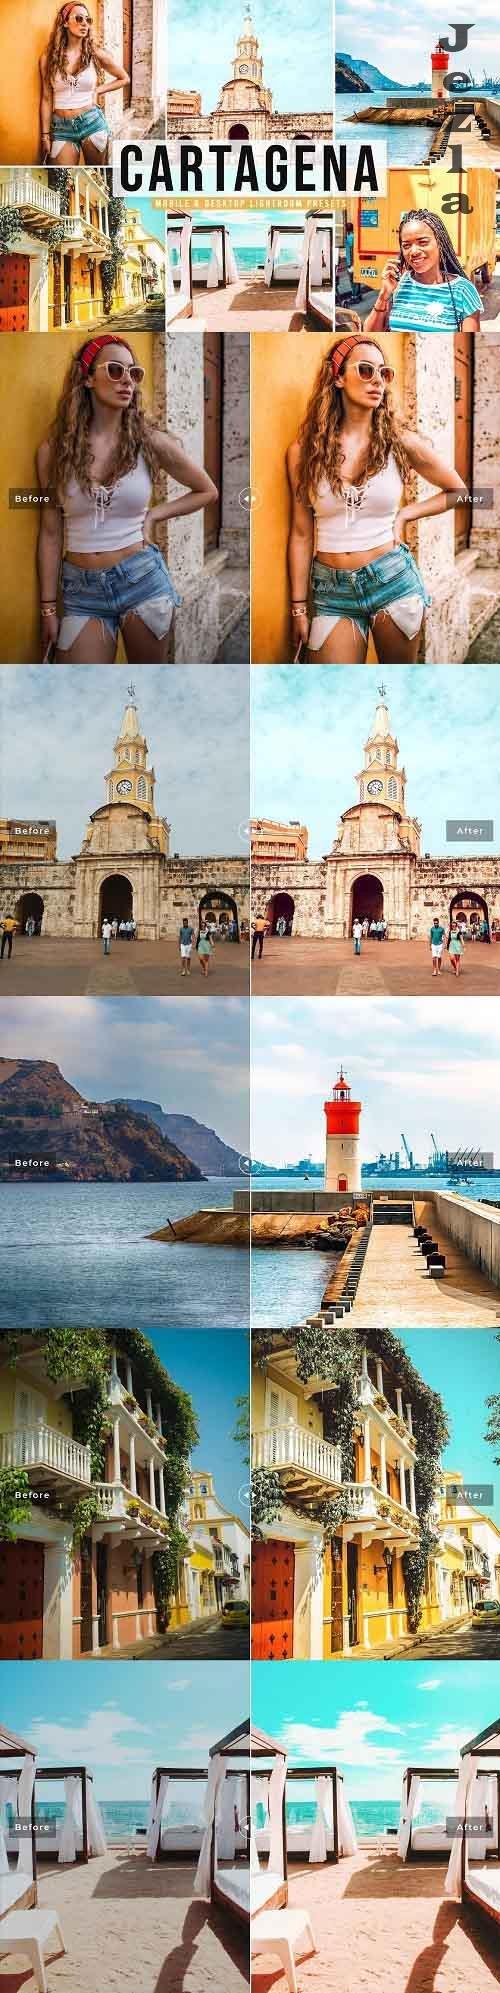 Cartagena Pro Lightroom Presets - 5539970 - Mobile & Desktop